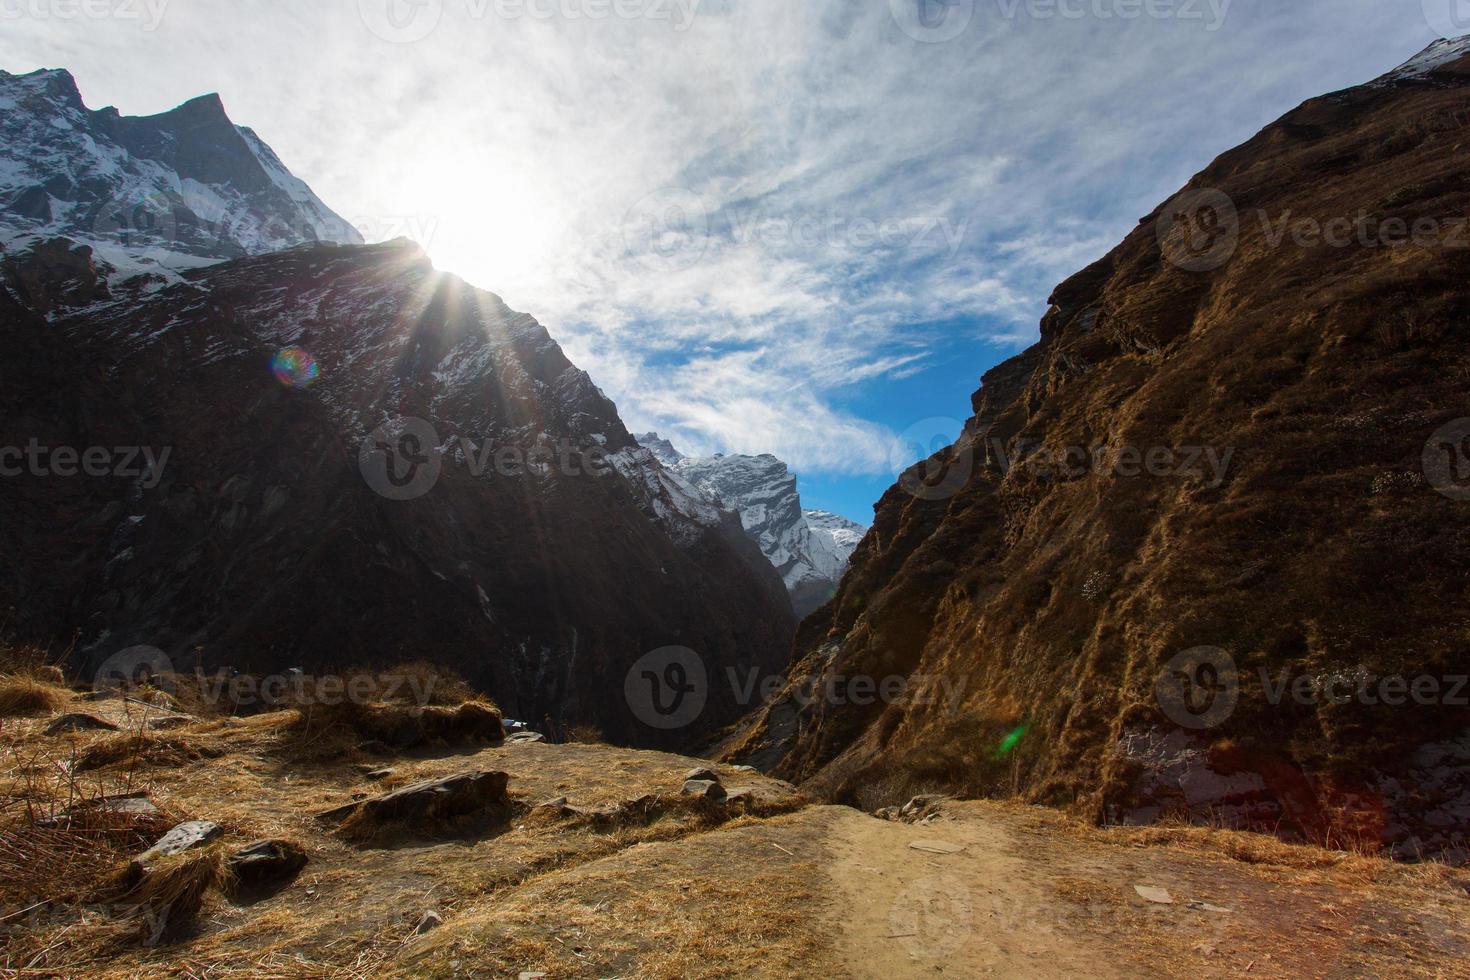 campamento base machhapuchhare en las montañas del himalaya, cerca de annapurn foto